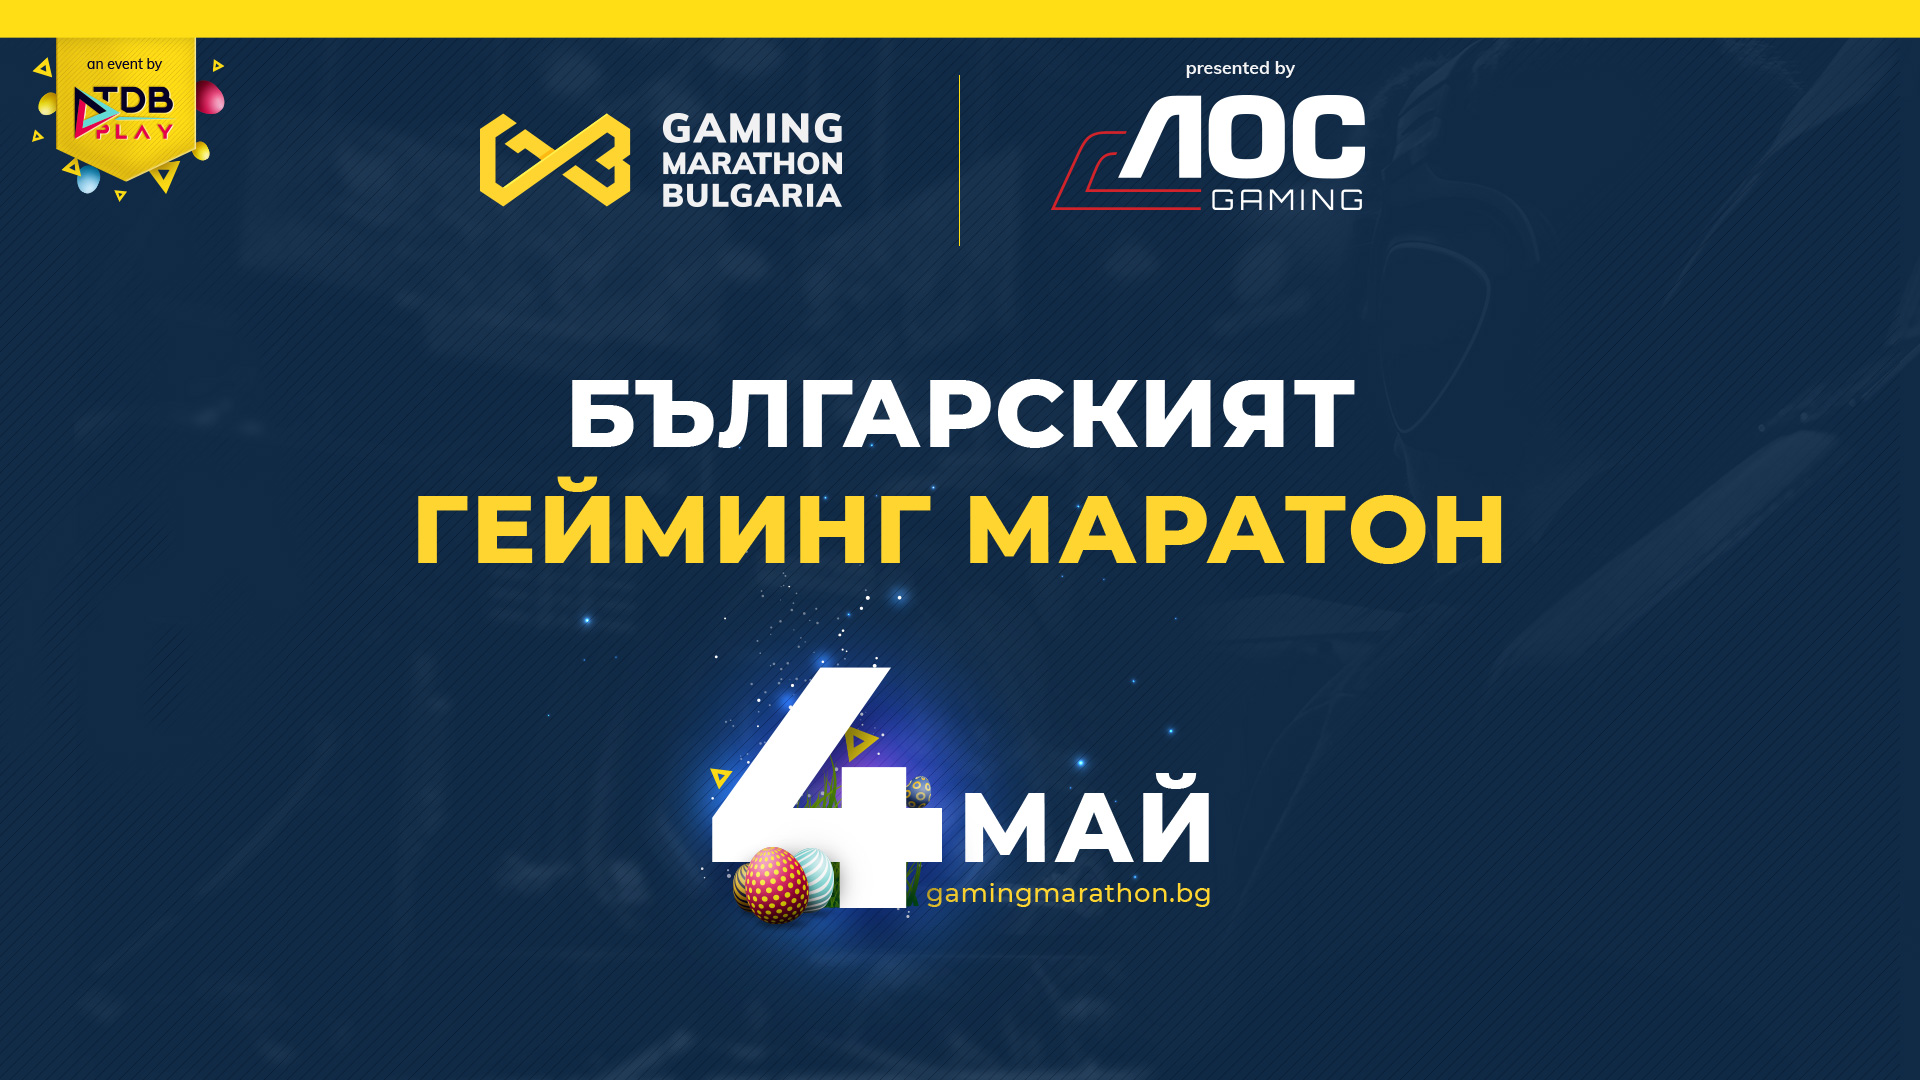 През 2021-ва Българският Гейминг Маратон се завръща с три издания, повече съдържание и нови участници